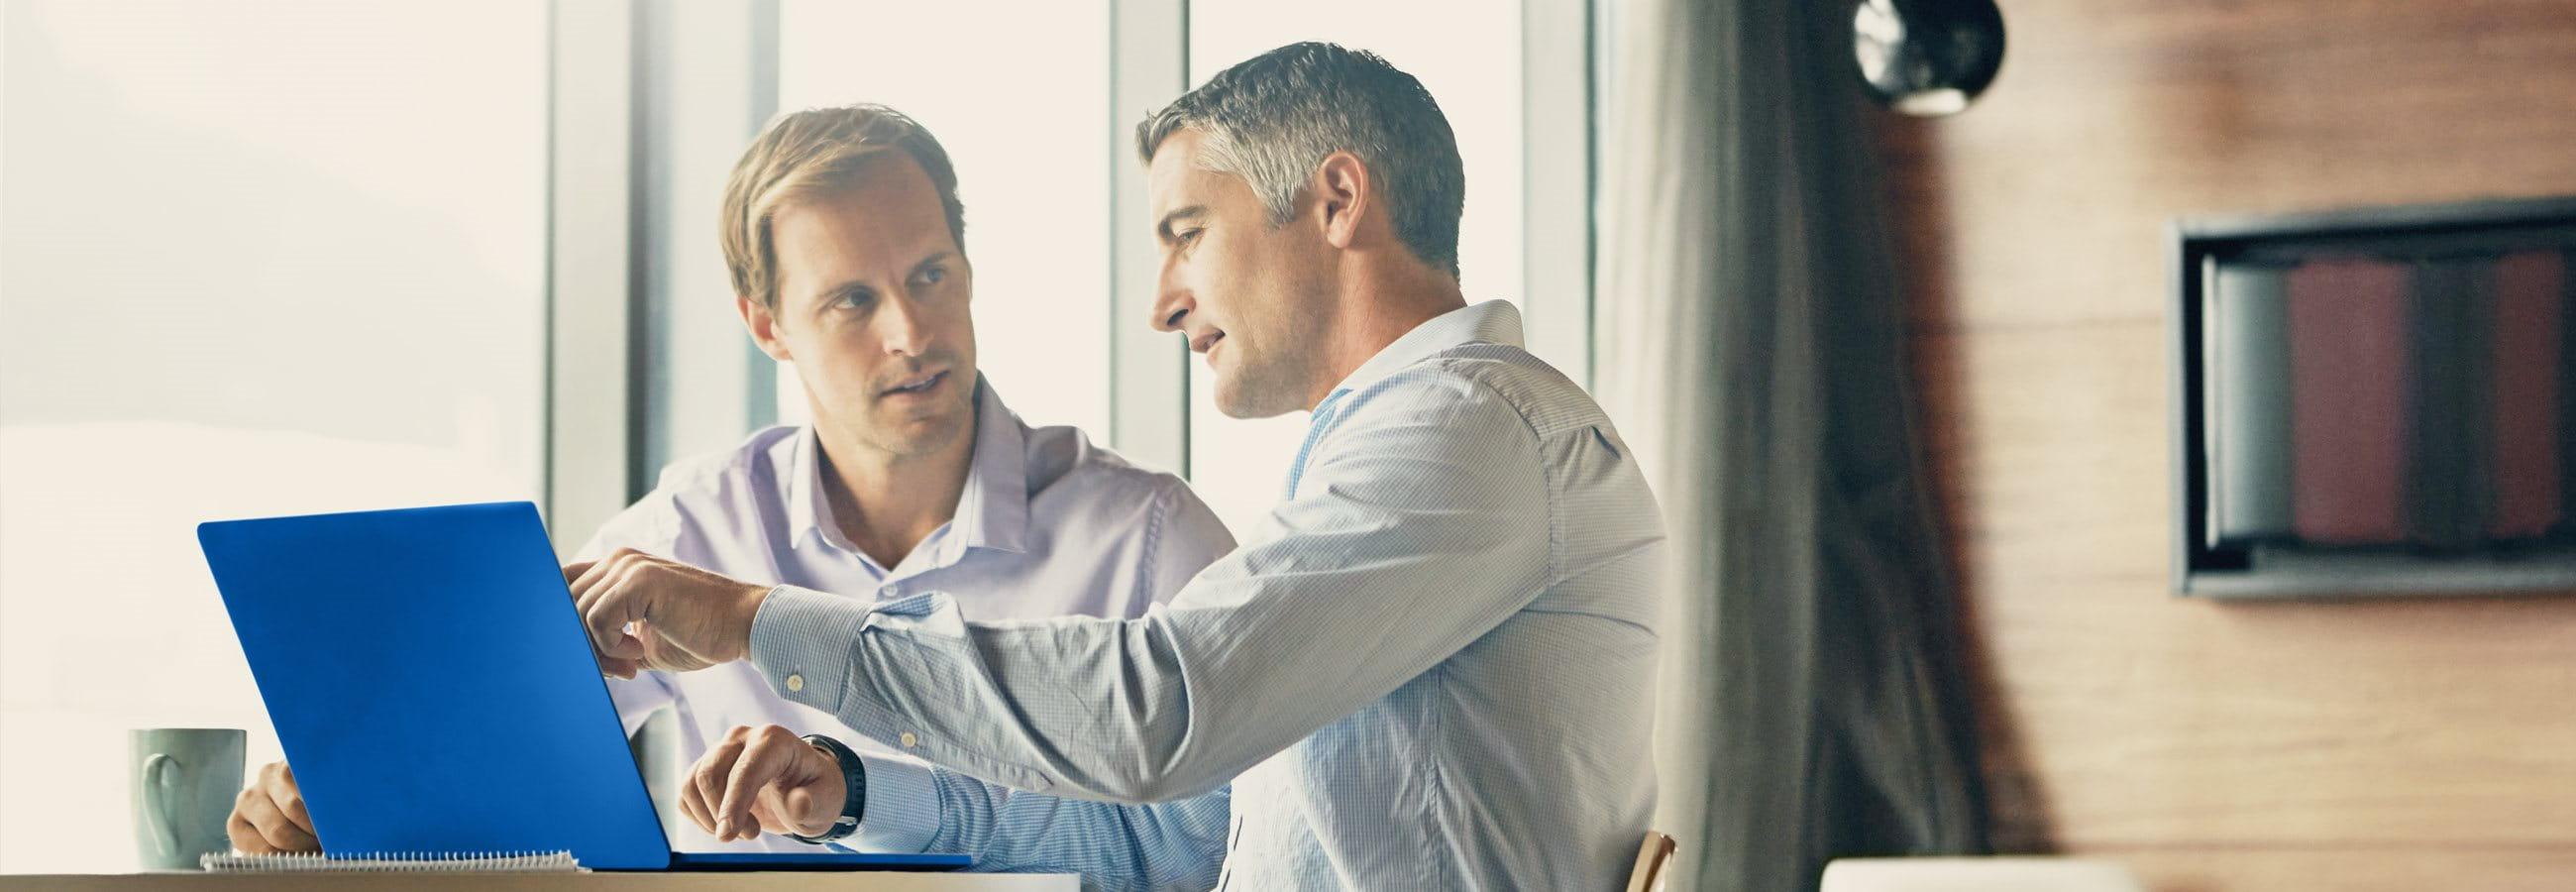 Ein Berater im Gespräch mit seinem Klienten